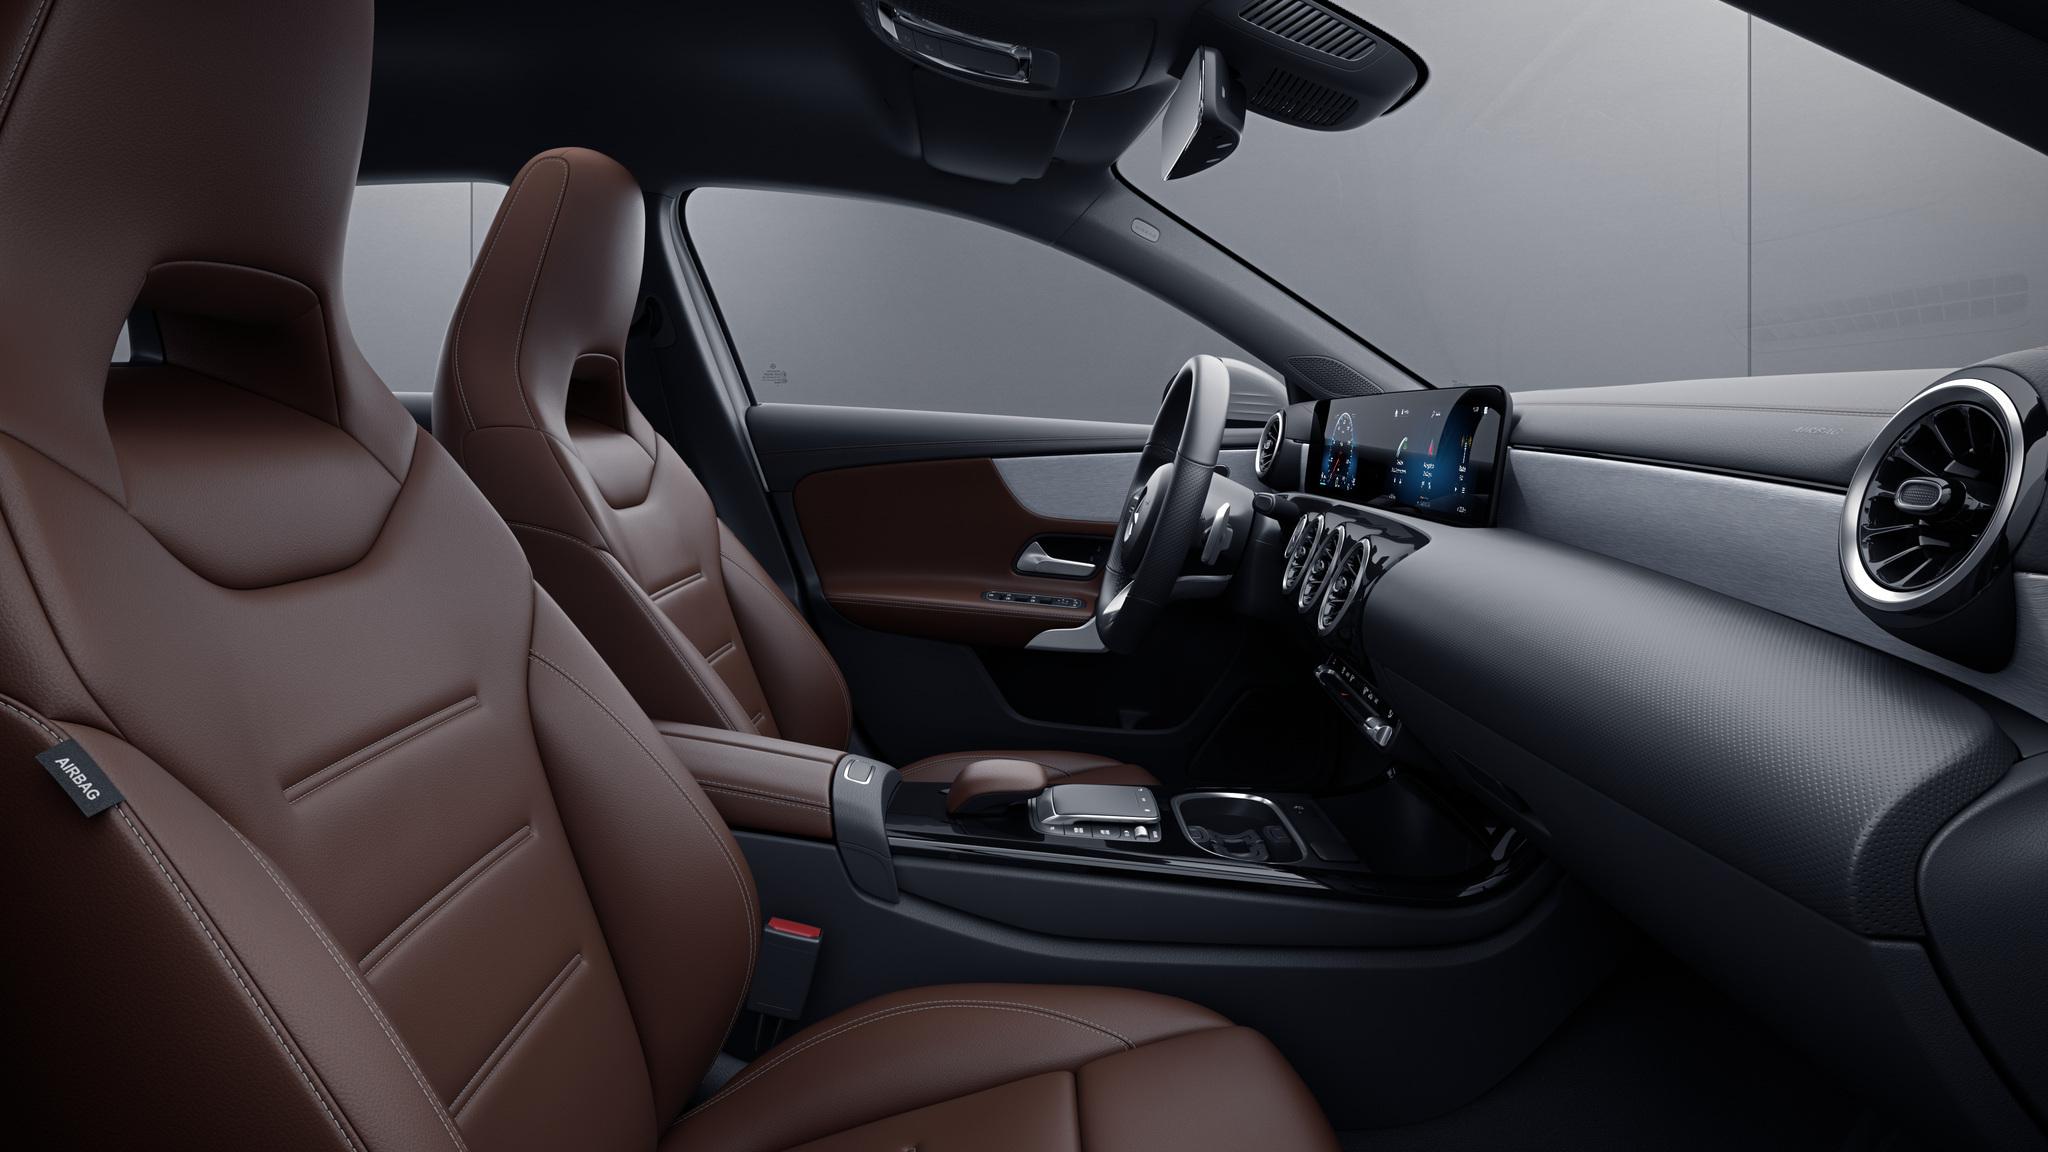 Habitacle de la Mercedes Classe A Berline avec une Sellerie cuir marron bahia noir